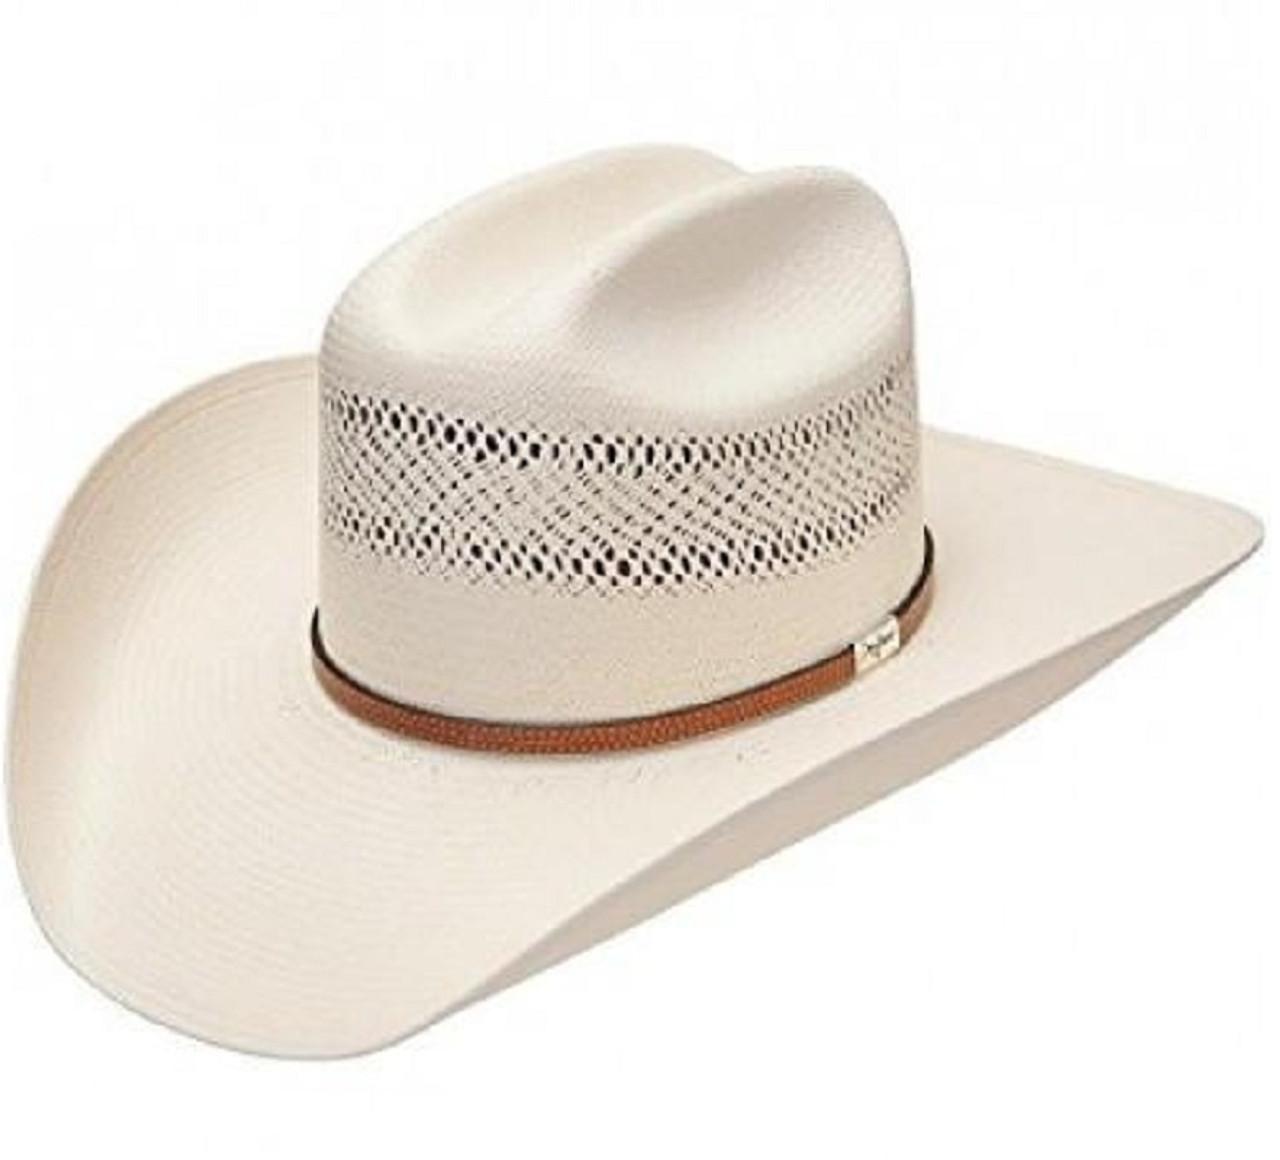 4f5a3875a2b33 George Strait 10X Straw Resistol Cowboy Hat